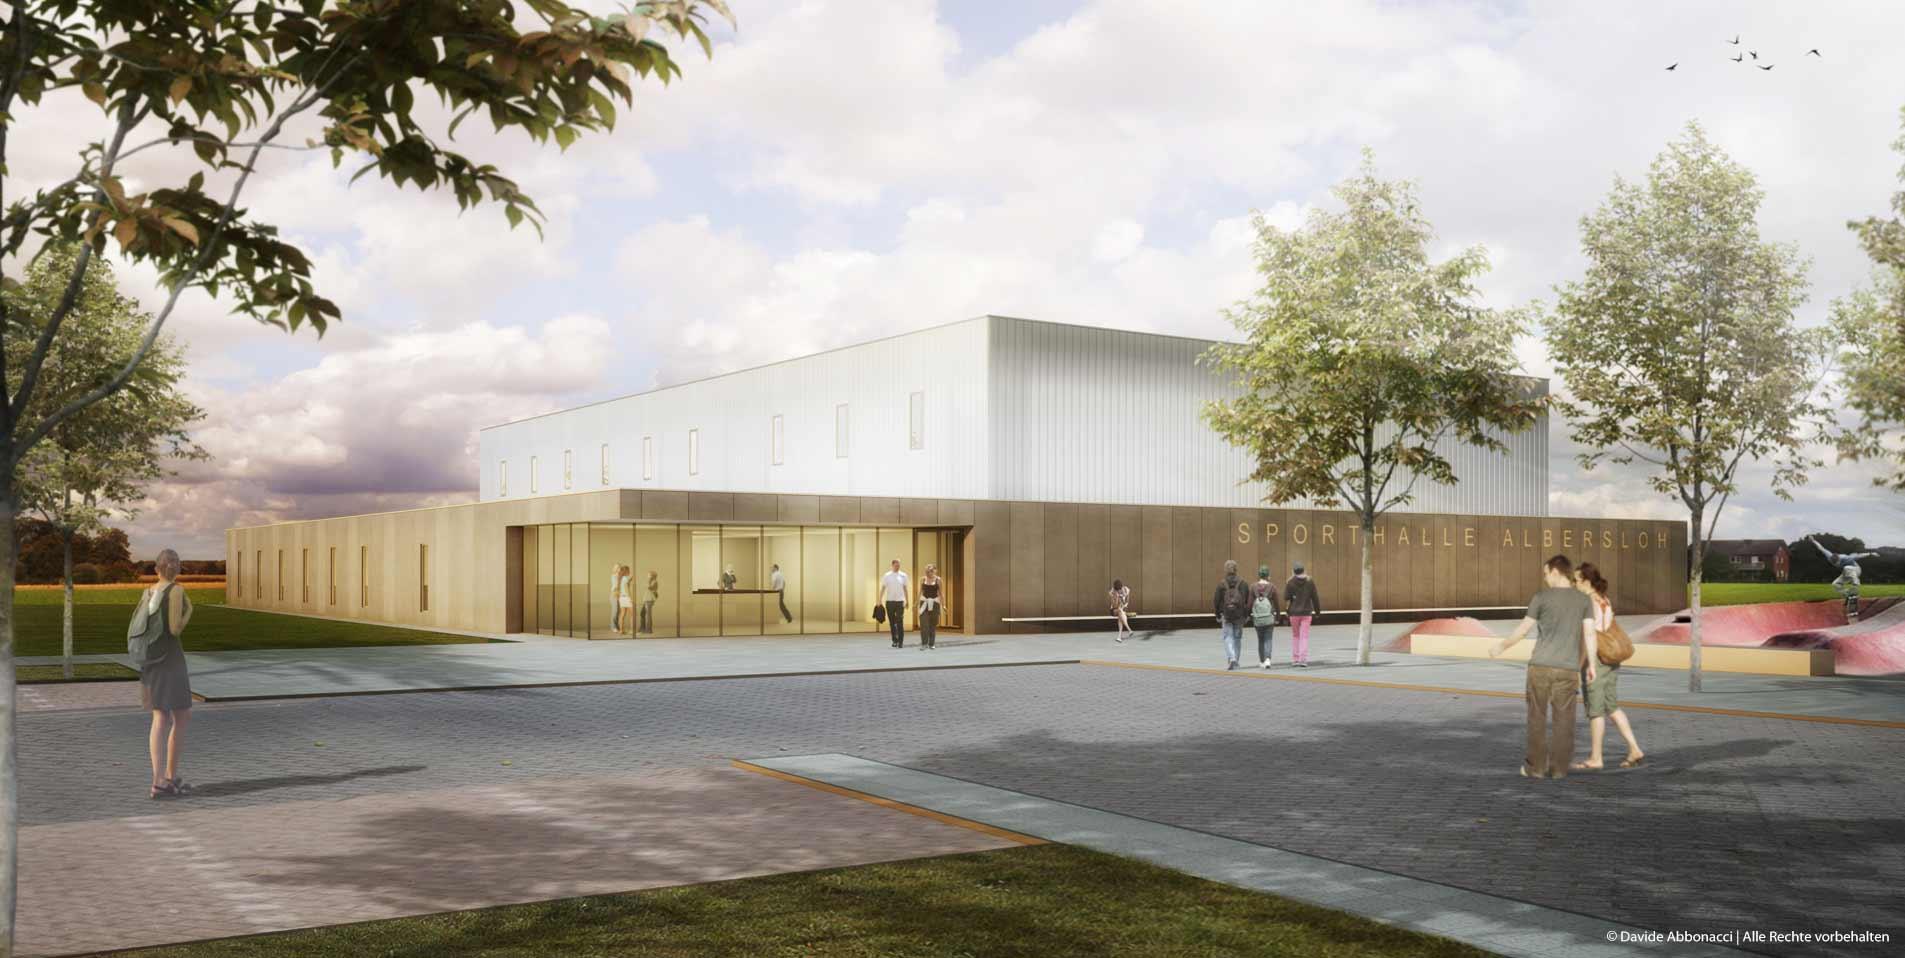 Zweifachsporthalle, Albersloh | Ruf+Partner Architekten | 2012 Wettbewerbsvisualisierung